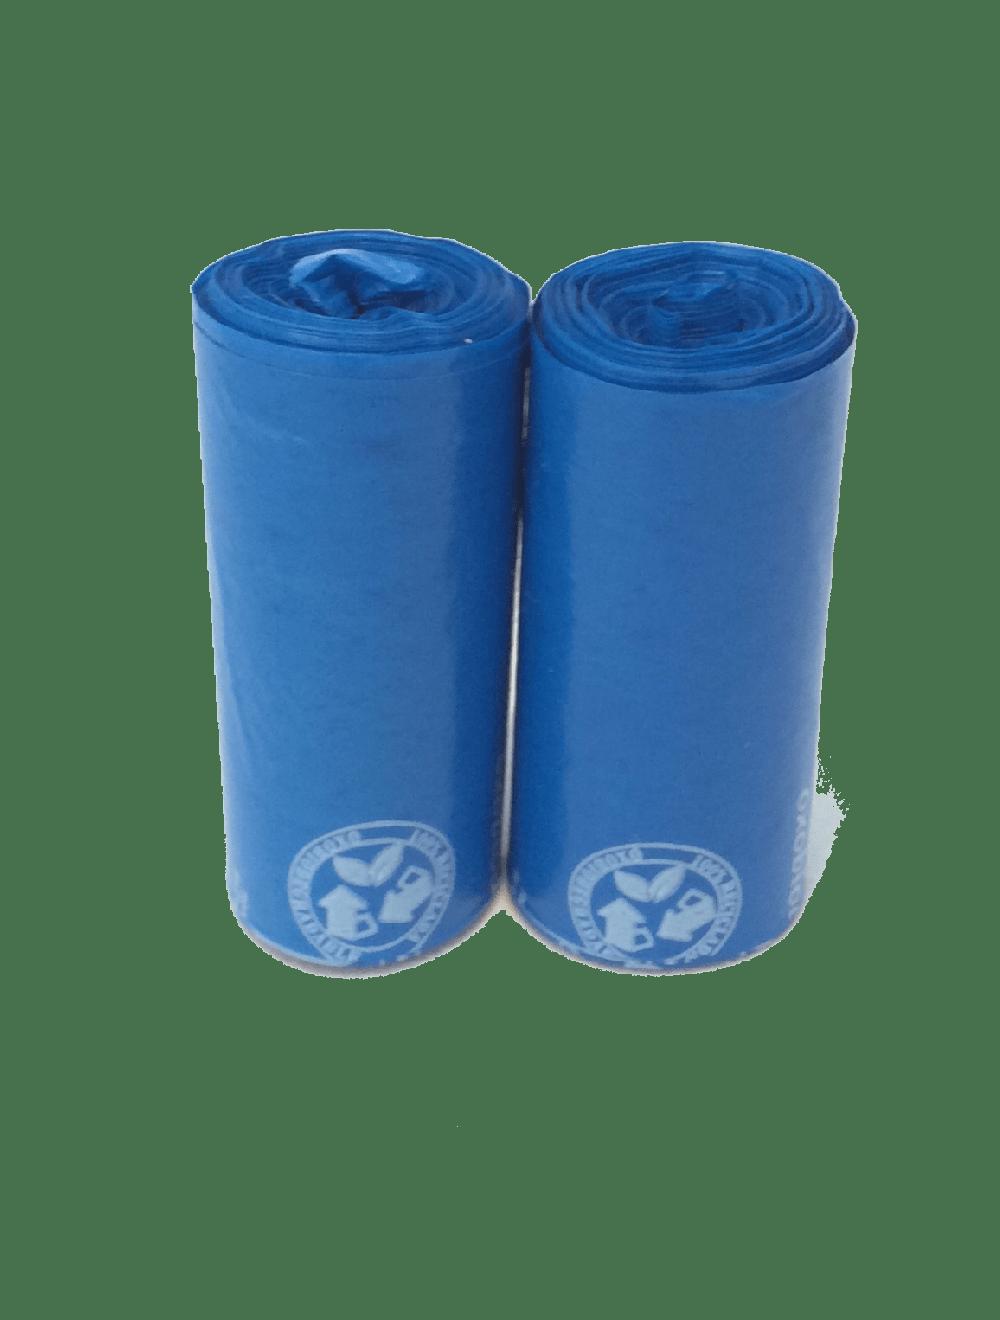 Bolsas Biodegradables X 2 rollos de 100 bolsas - Ciudaddemascotas.com